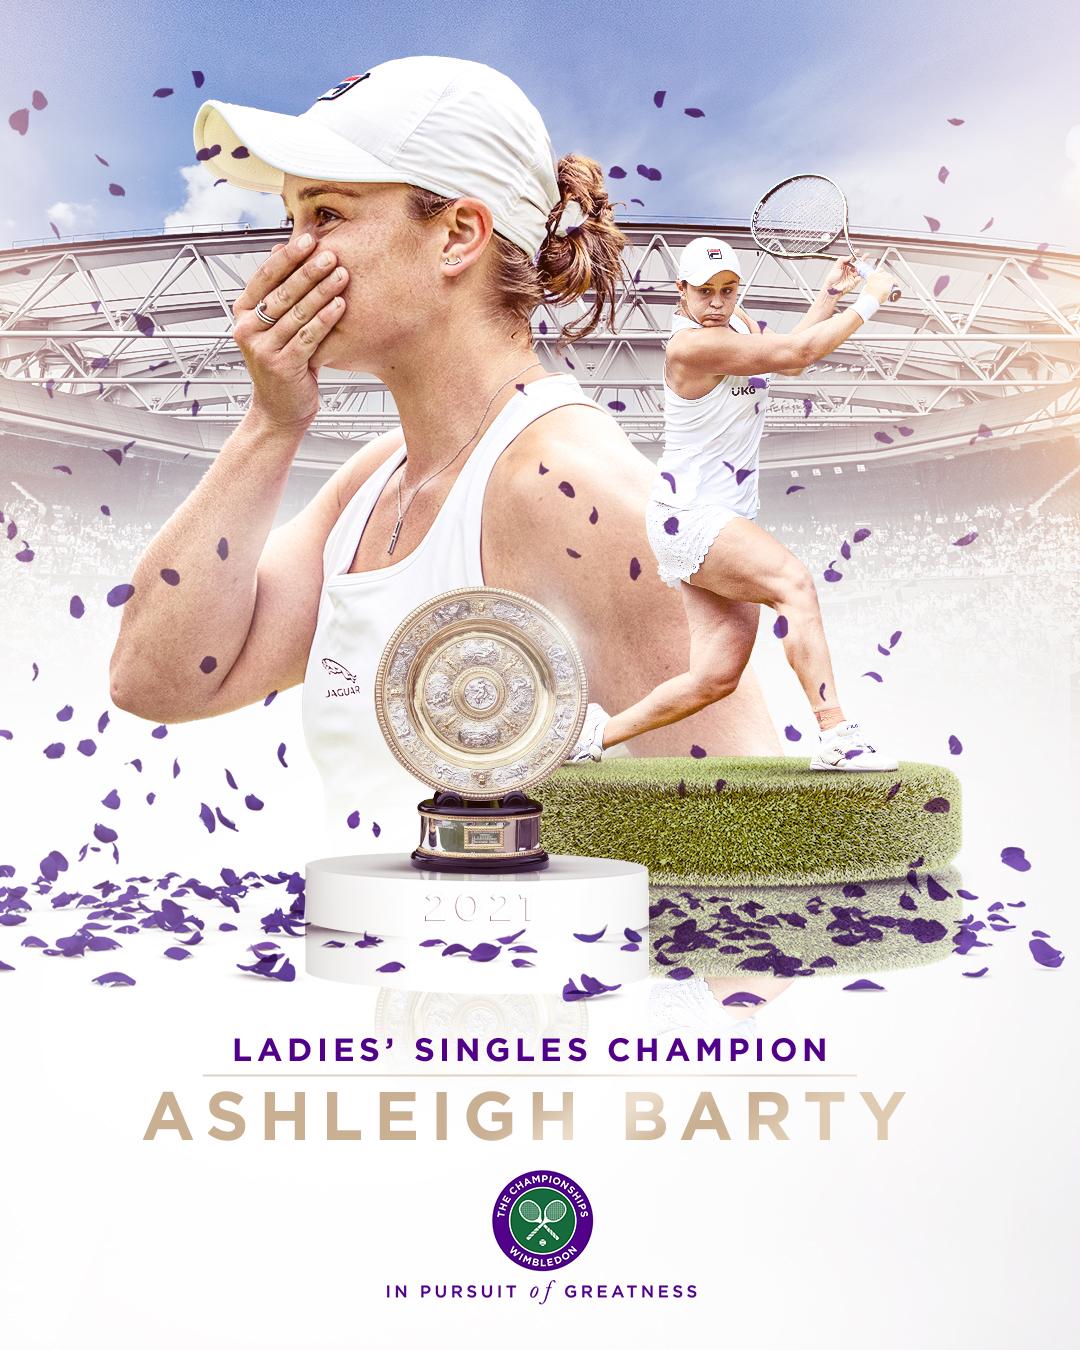 विंबलडन टेनिस टूर्नामेंट में ऑस्ट्रेलिया की एश्ले बार्टी ने महिला सिंगल्स का खिताब जीता